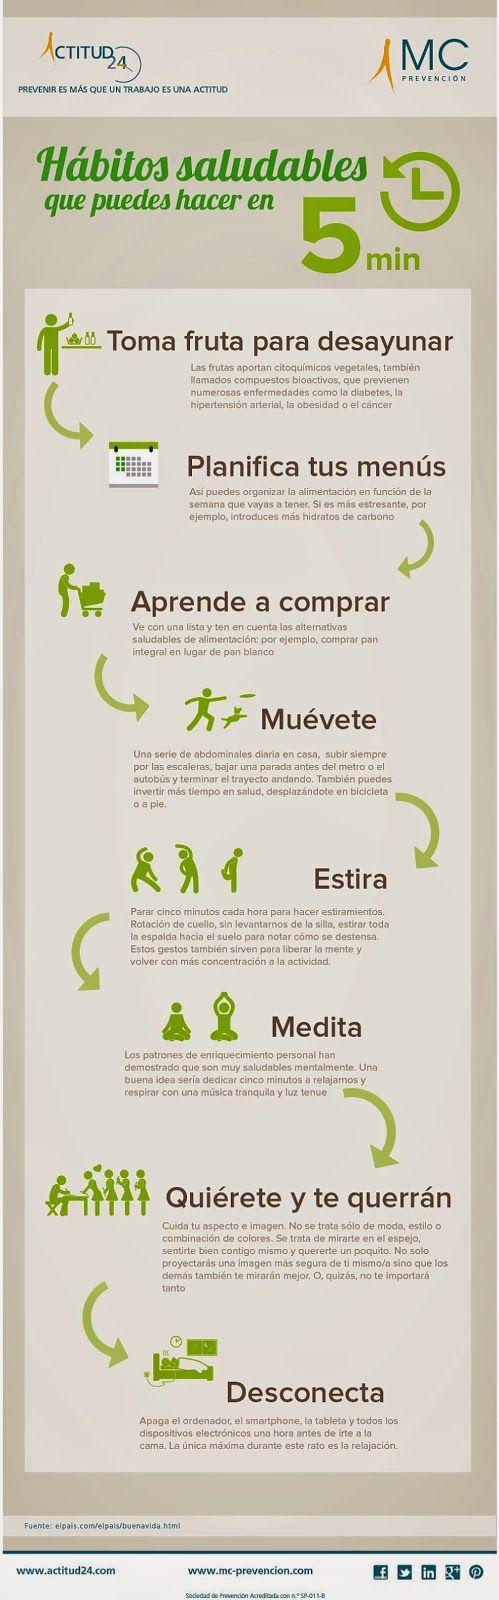 Recursos para la Educación Ambiental: Consejos para tener una vida saludable